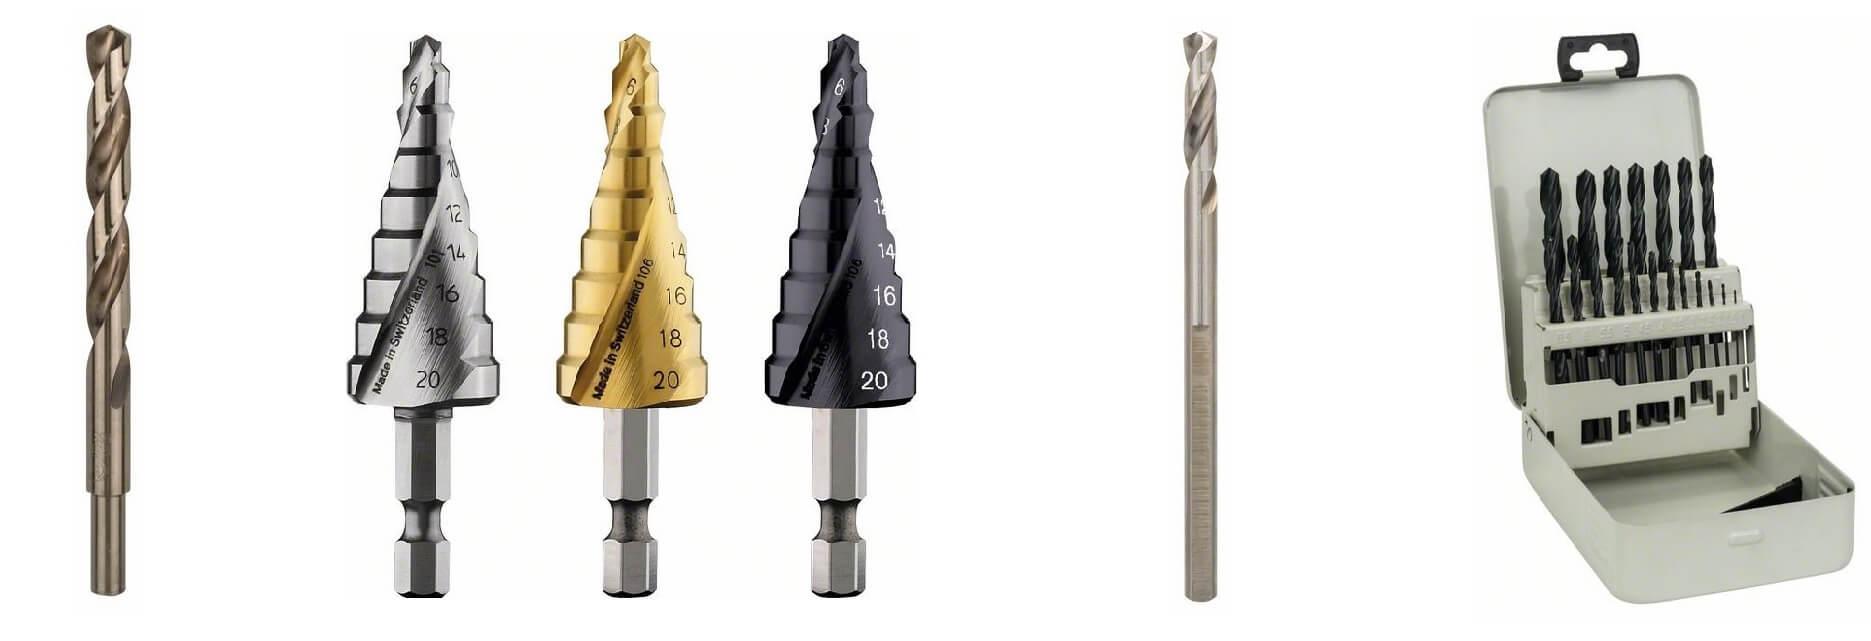 Vrtáky do kovu HSS-Co, stupňovité vrtáky HSS TiN-4, středicí vrták HSS-G, sada vrtáků HSS-R v kovové kazetě